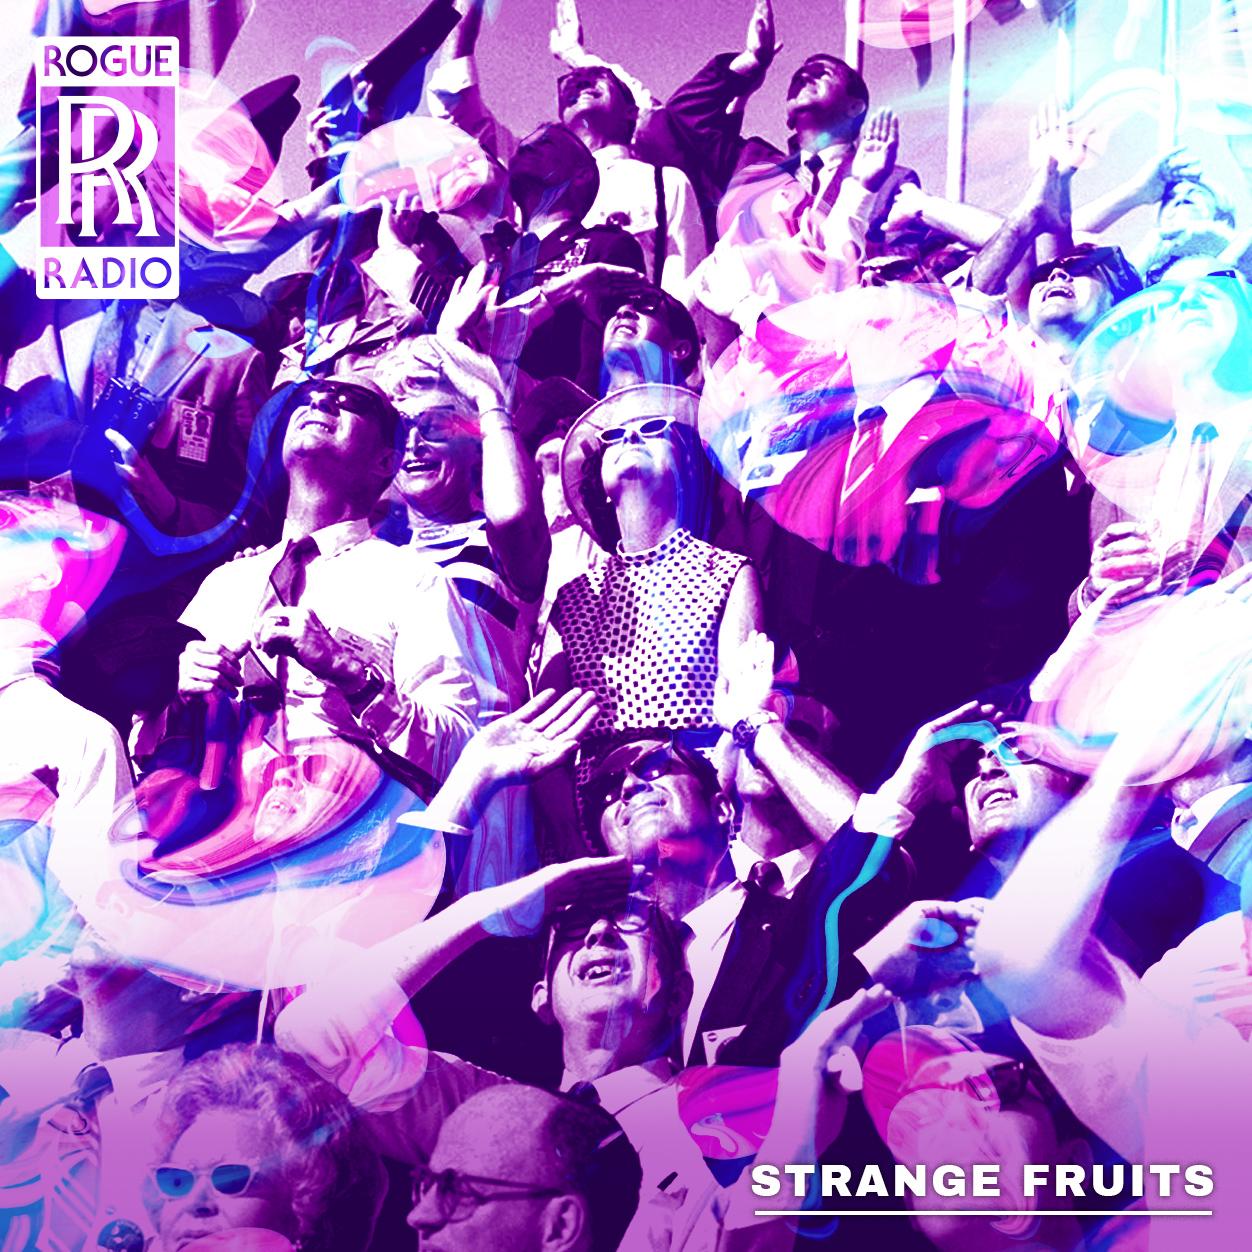 mix-img-strange-fruits